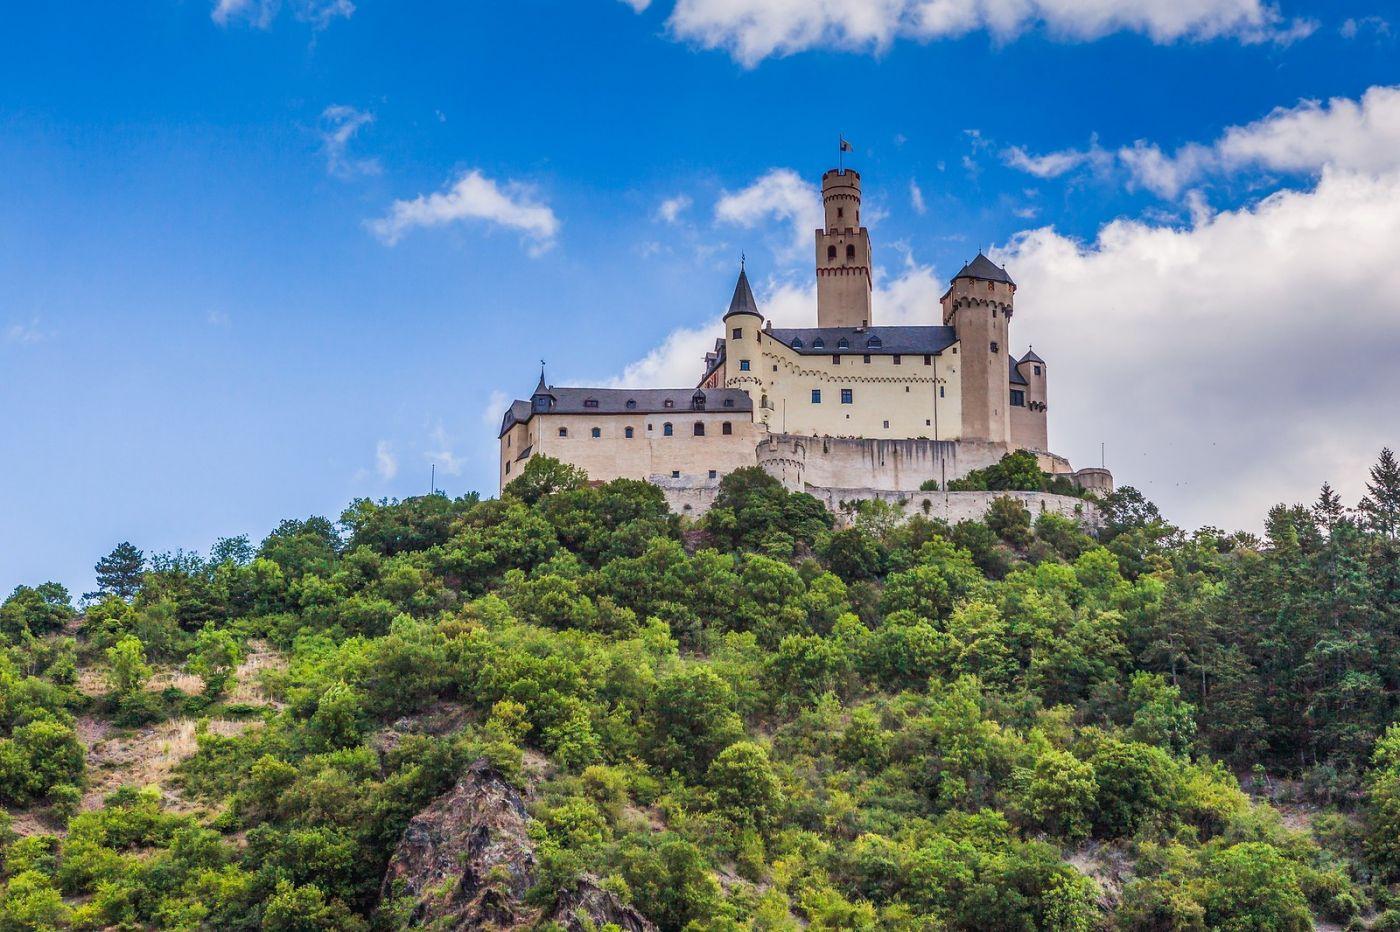 畅游莱茵河,山腰间的城堡_图1-3